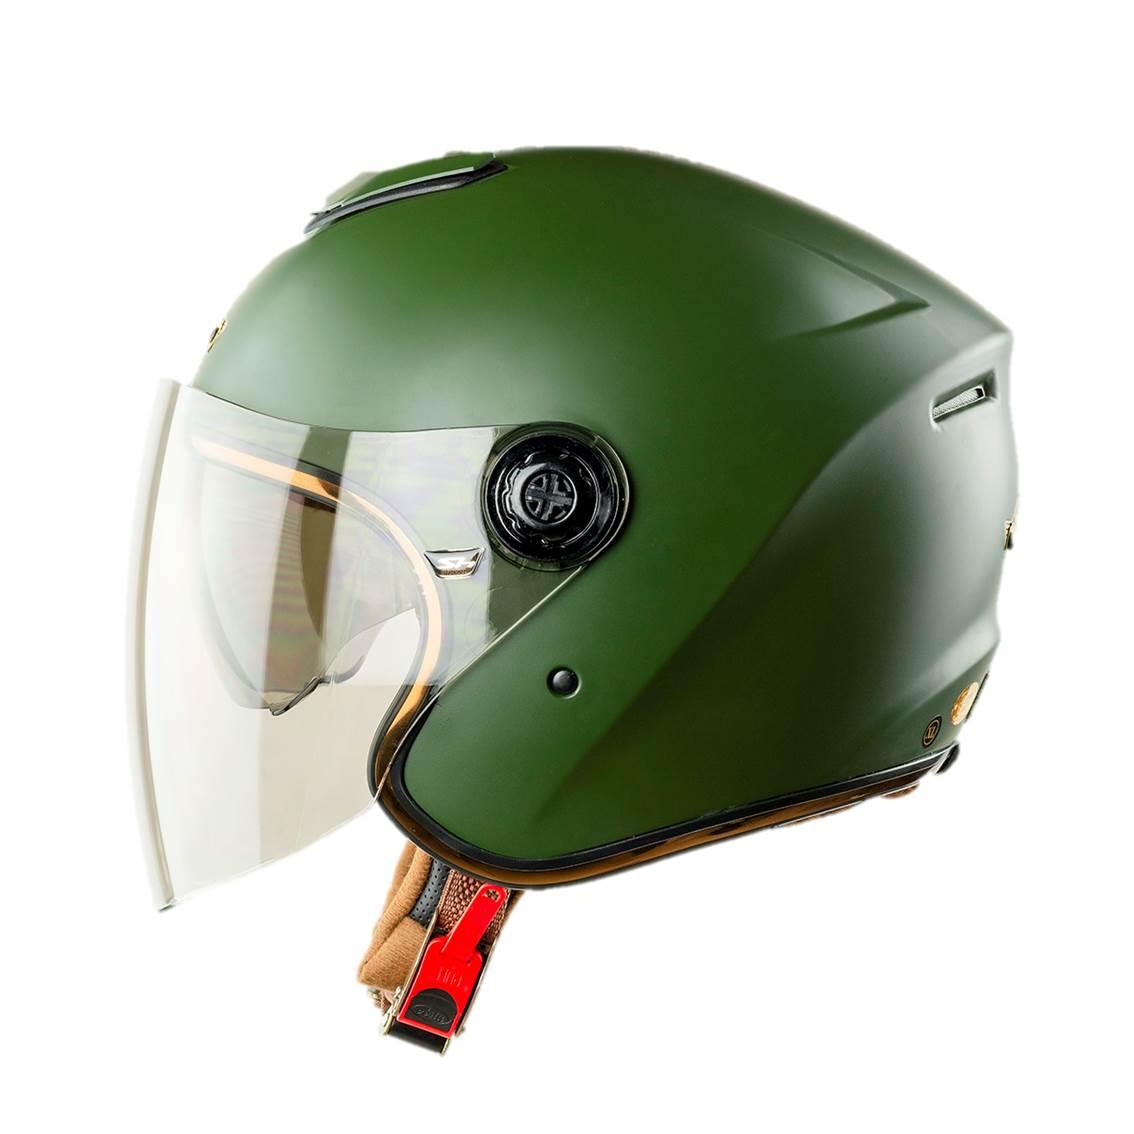 Mũ bảo hiểm phượt ¾ đầu Napoli N125 Màu Xanh Rêu Hai Kính đi được cả ngày và đêm - Free size 57 - 60cm